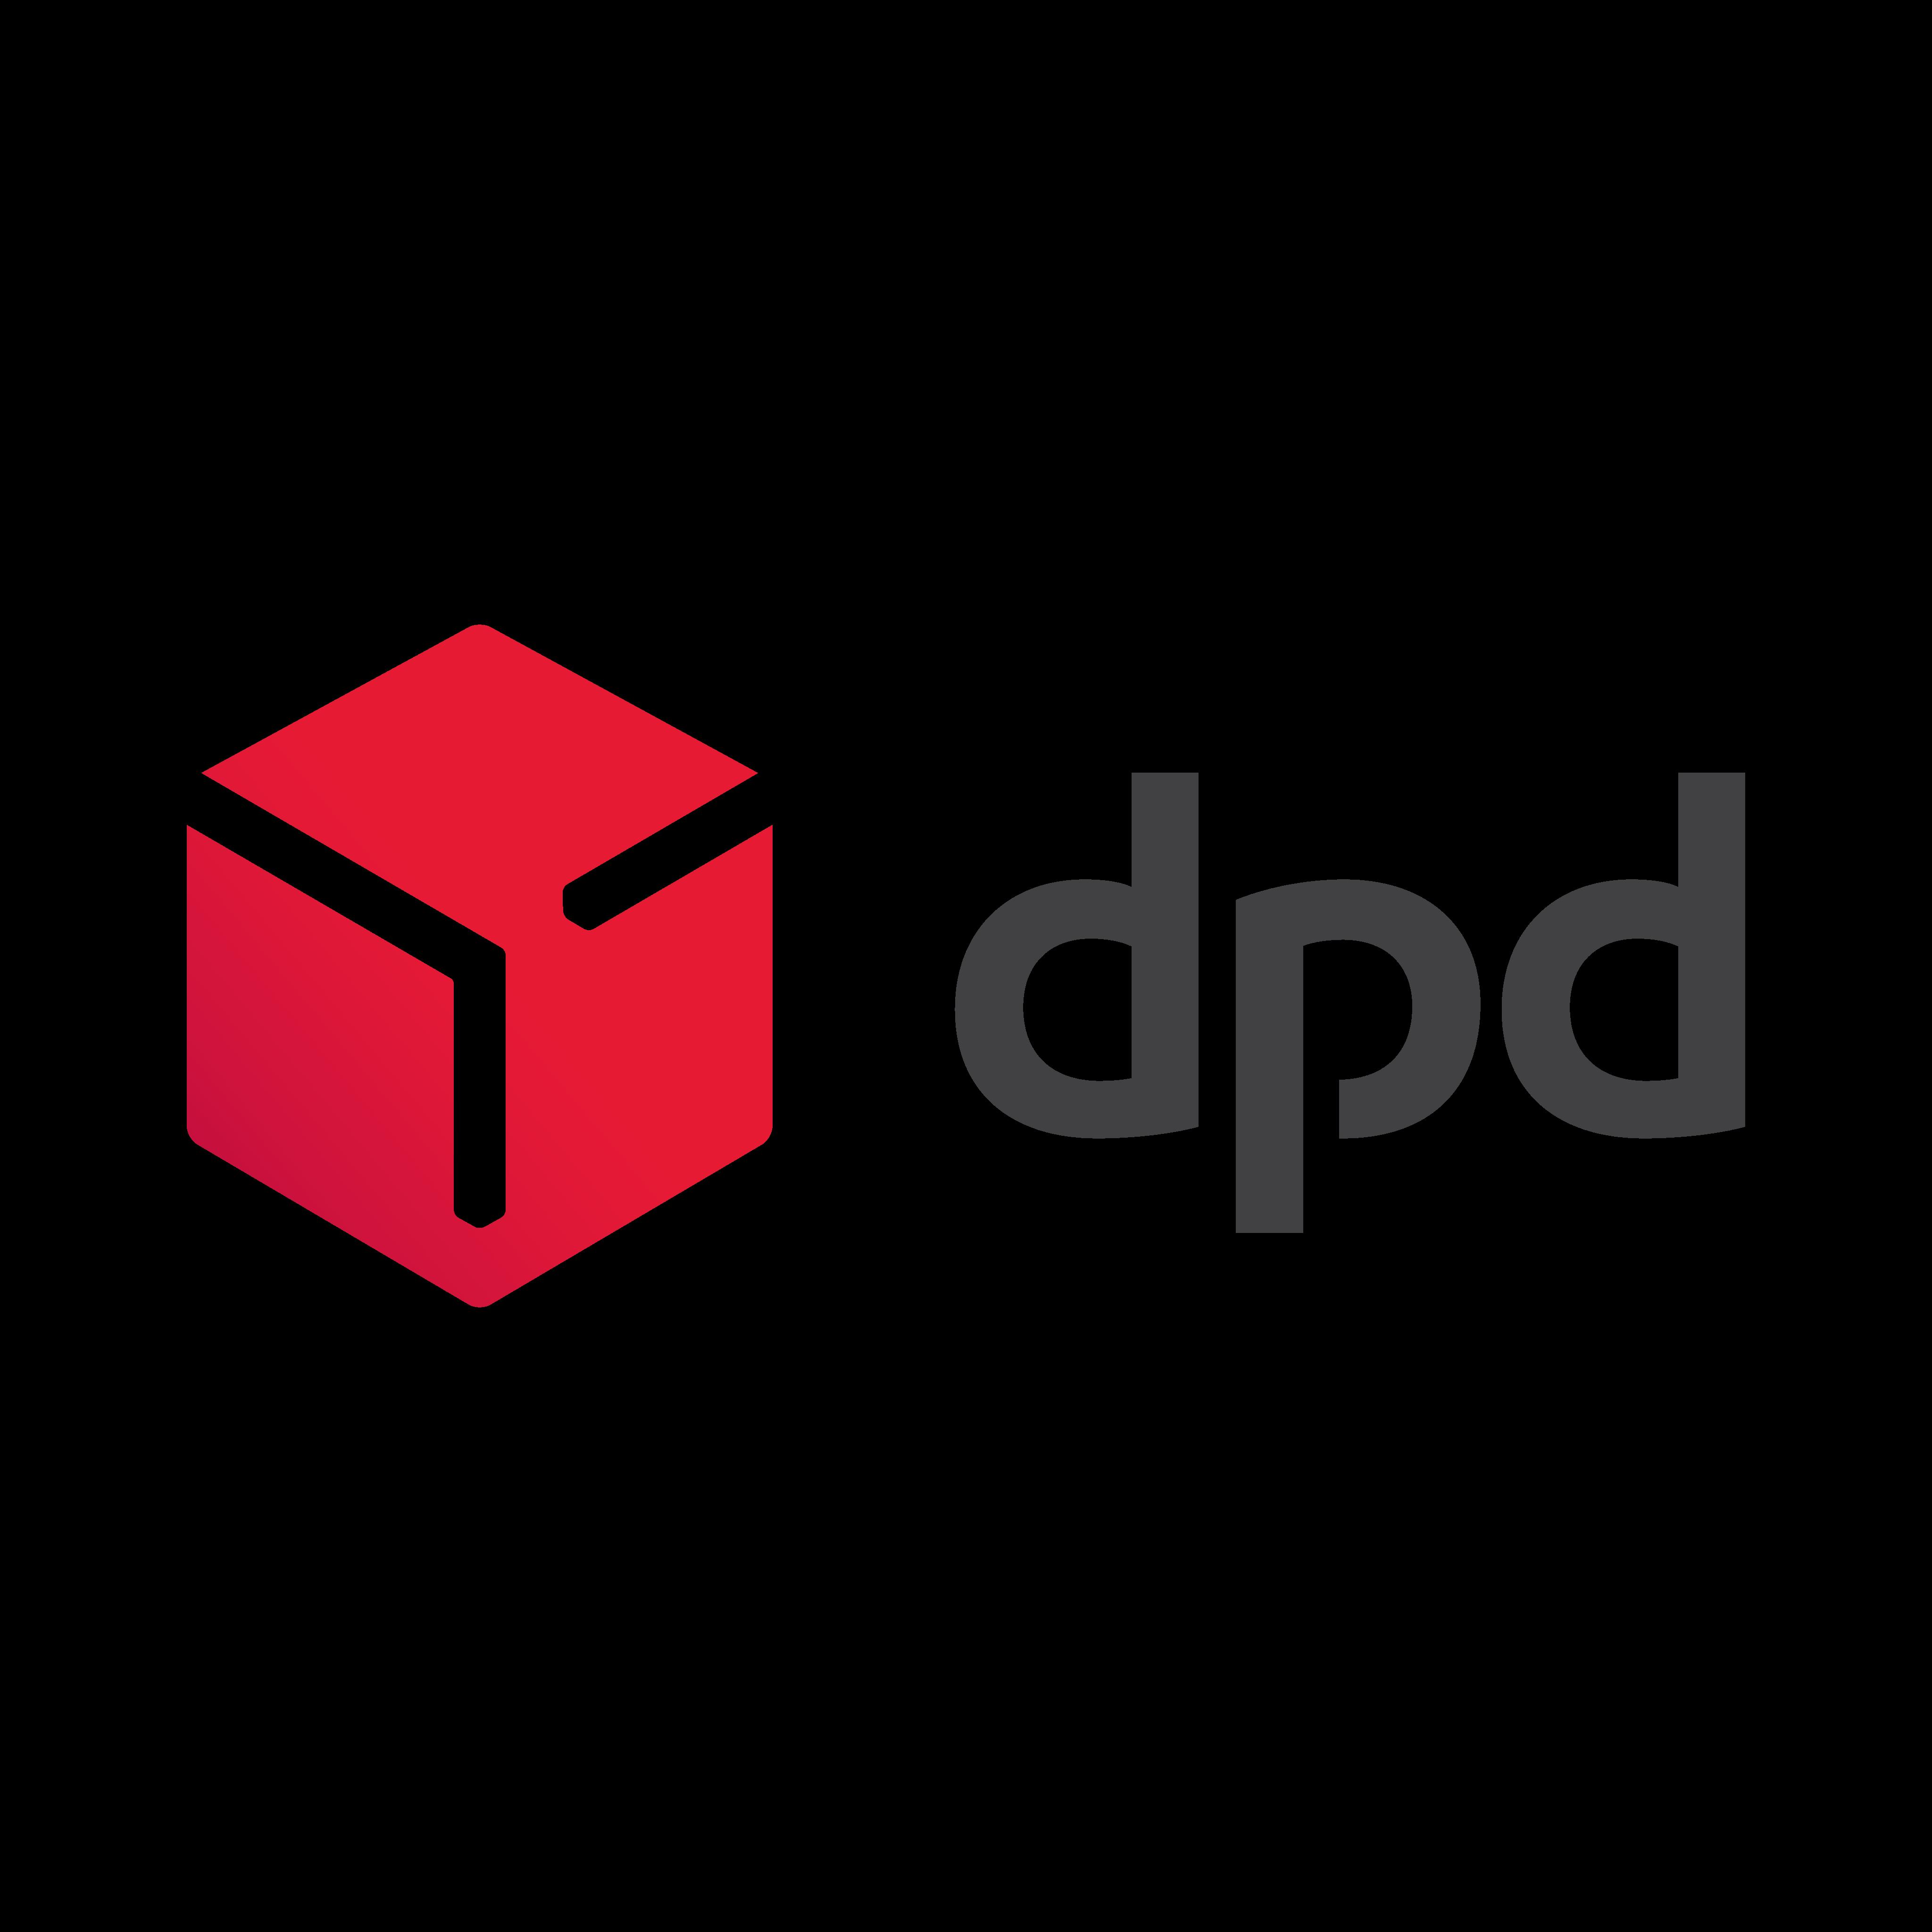 dpd logo 0 - Dpd Logo